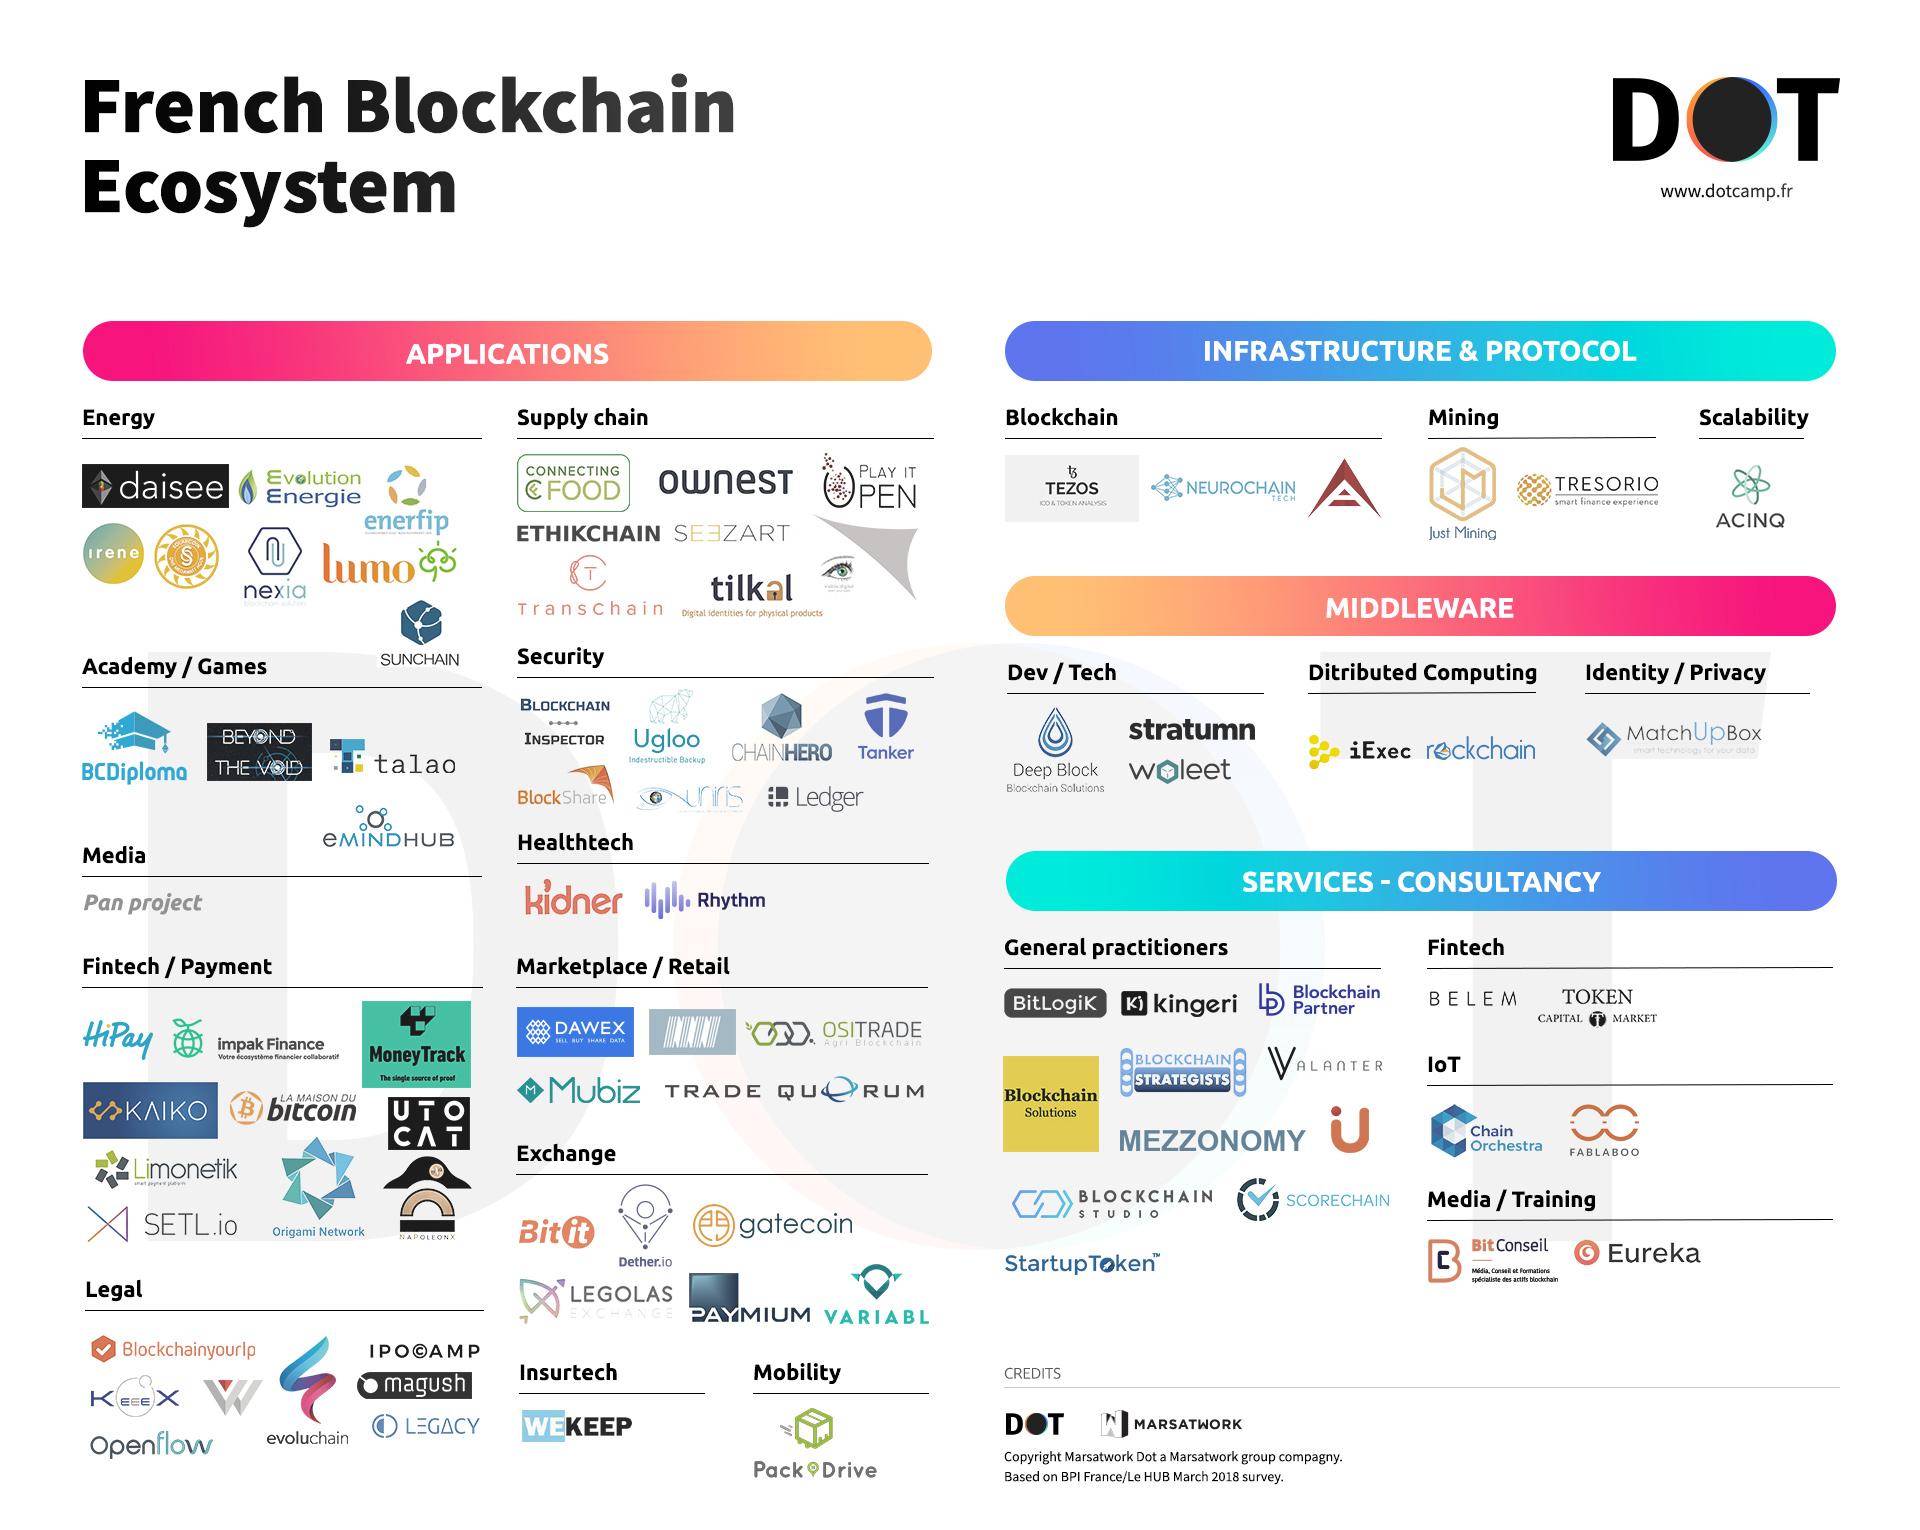 Ecosystème blockchain français